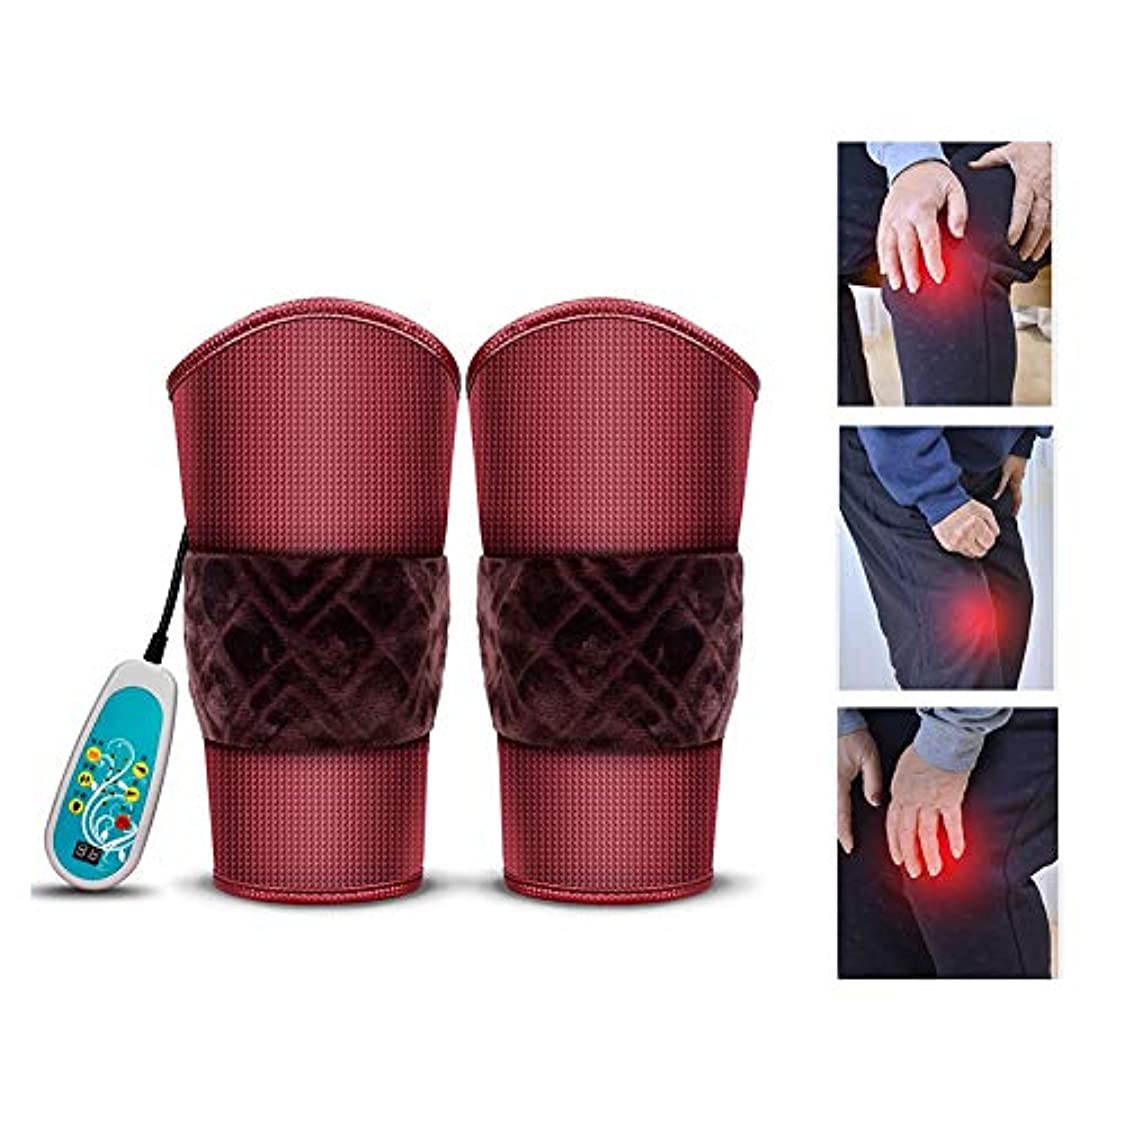 不良例外運営加熱膝ブレースサポート - 膝ウォームラップヒーテッドパッド - 9マッサージモードと3ファイル温度のセラピーマッサージャー、膝の怪我、痛みの軽減